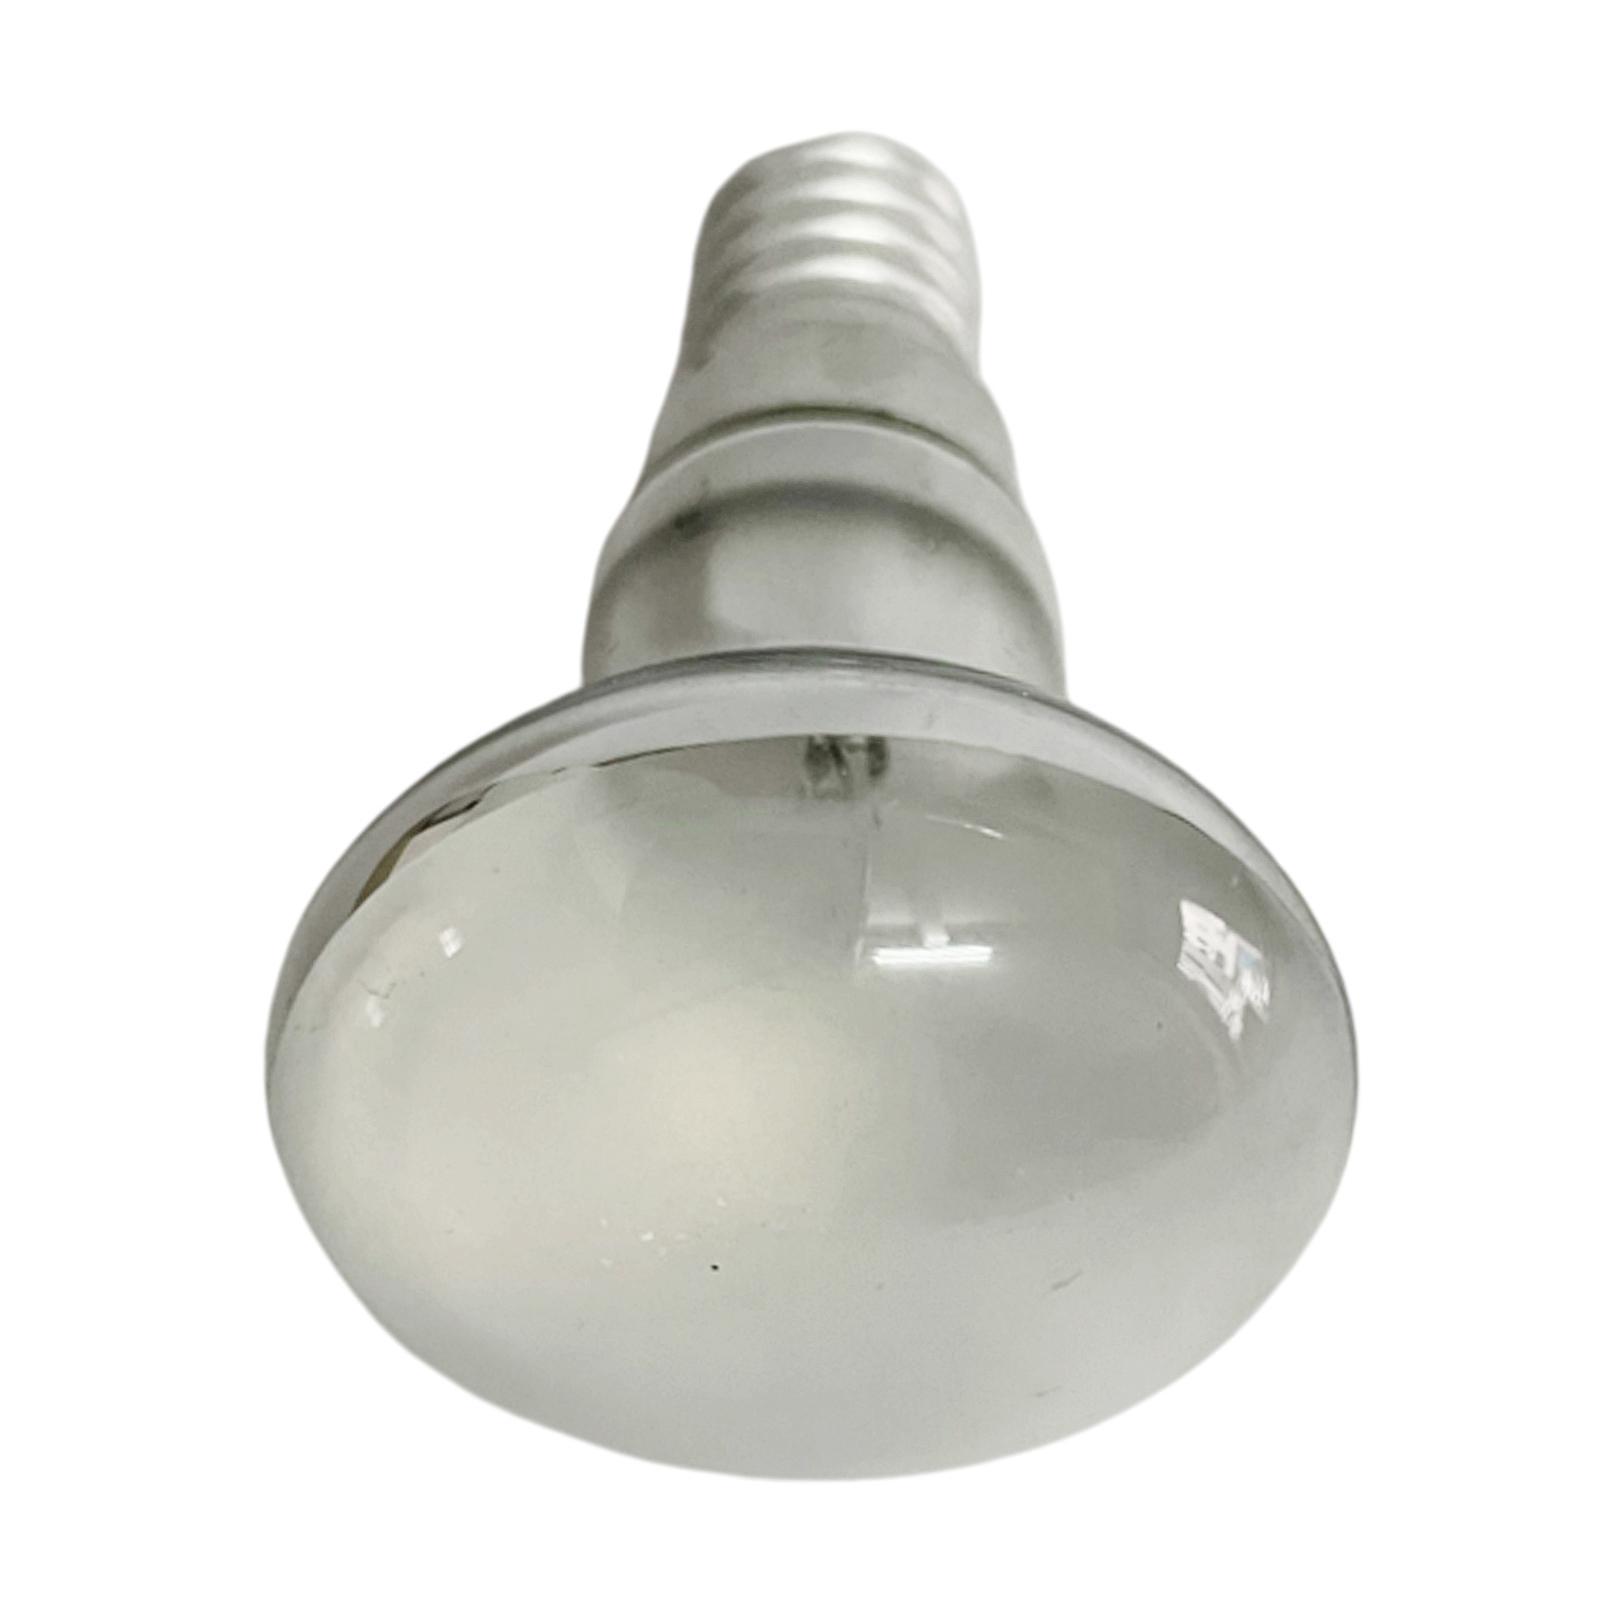 10pcs-Ampoules-a-Reflecteur-SES-E14-Lumiere-Decoration-pour-Chambre-Salon miniature 9